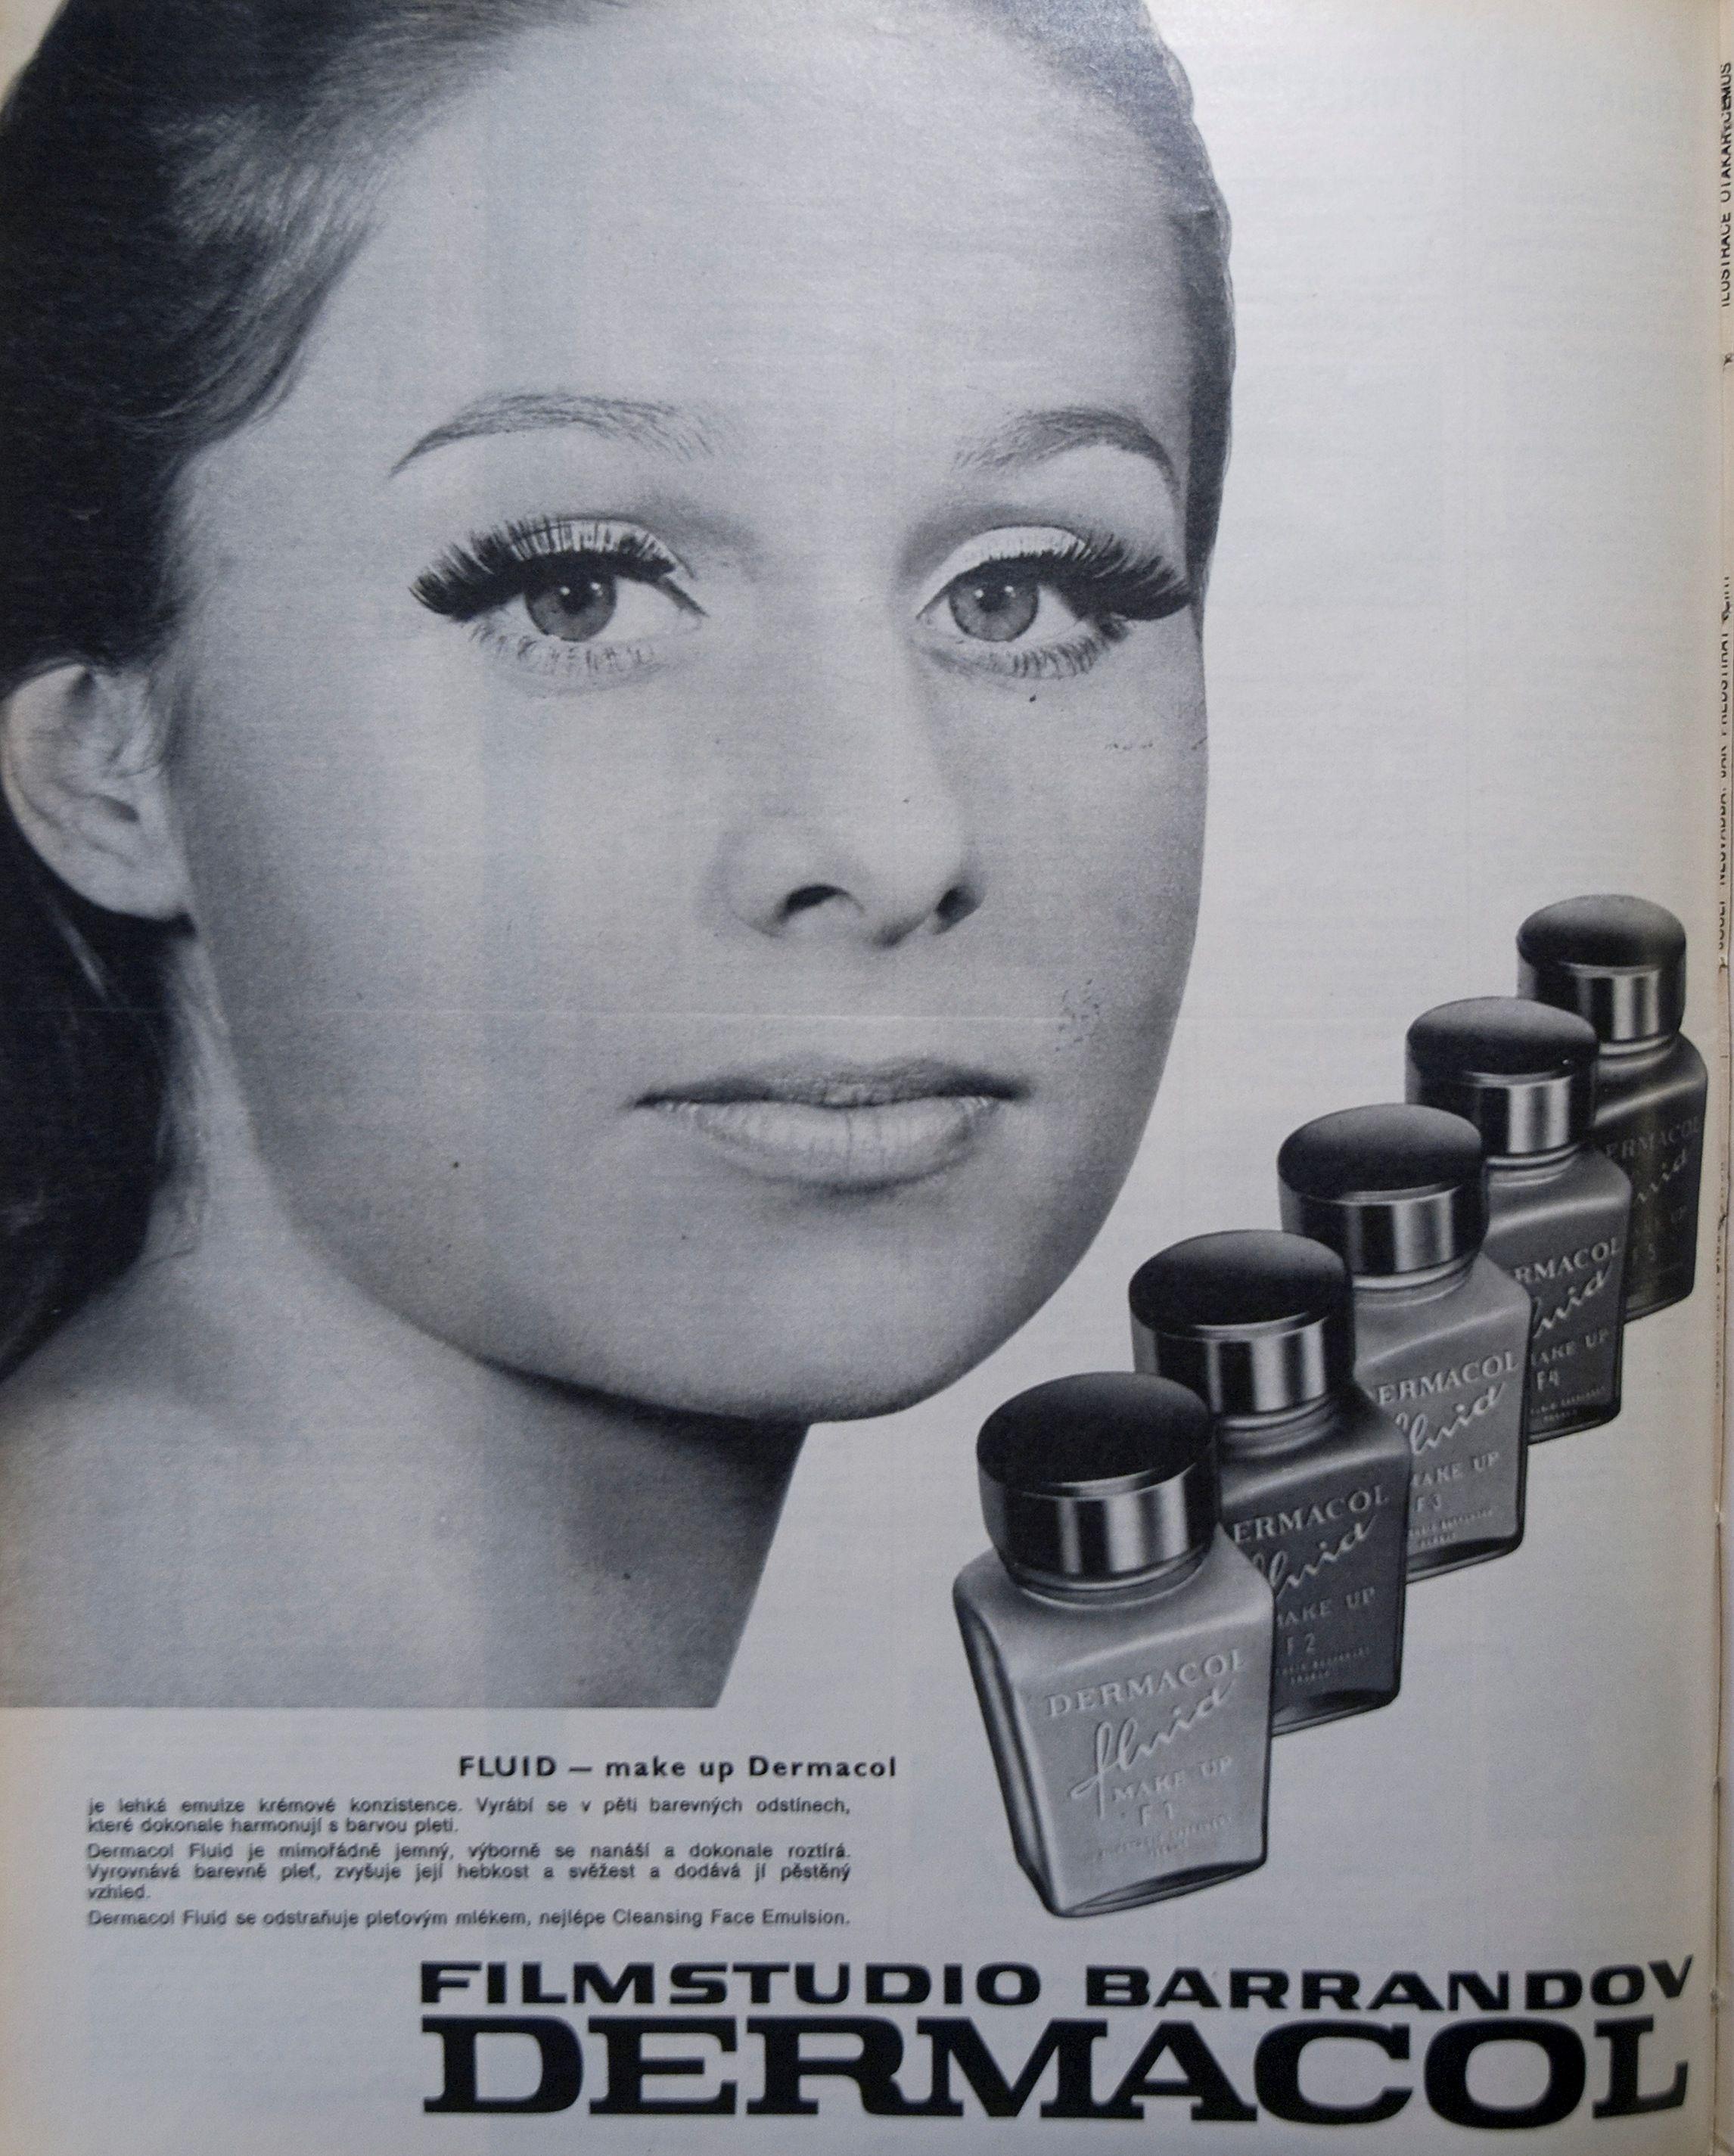 4_Reklama z roku 1972 na fluidní  make-up značky Dermacol_tehdy se ještě líčidlo vyrábělo v Praze na Barrandově_foto Dermacol_repro zdarma